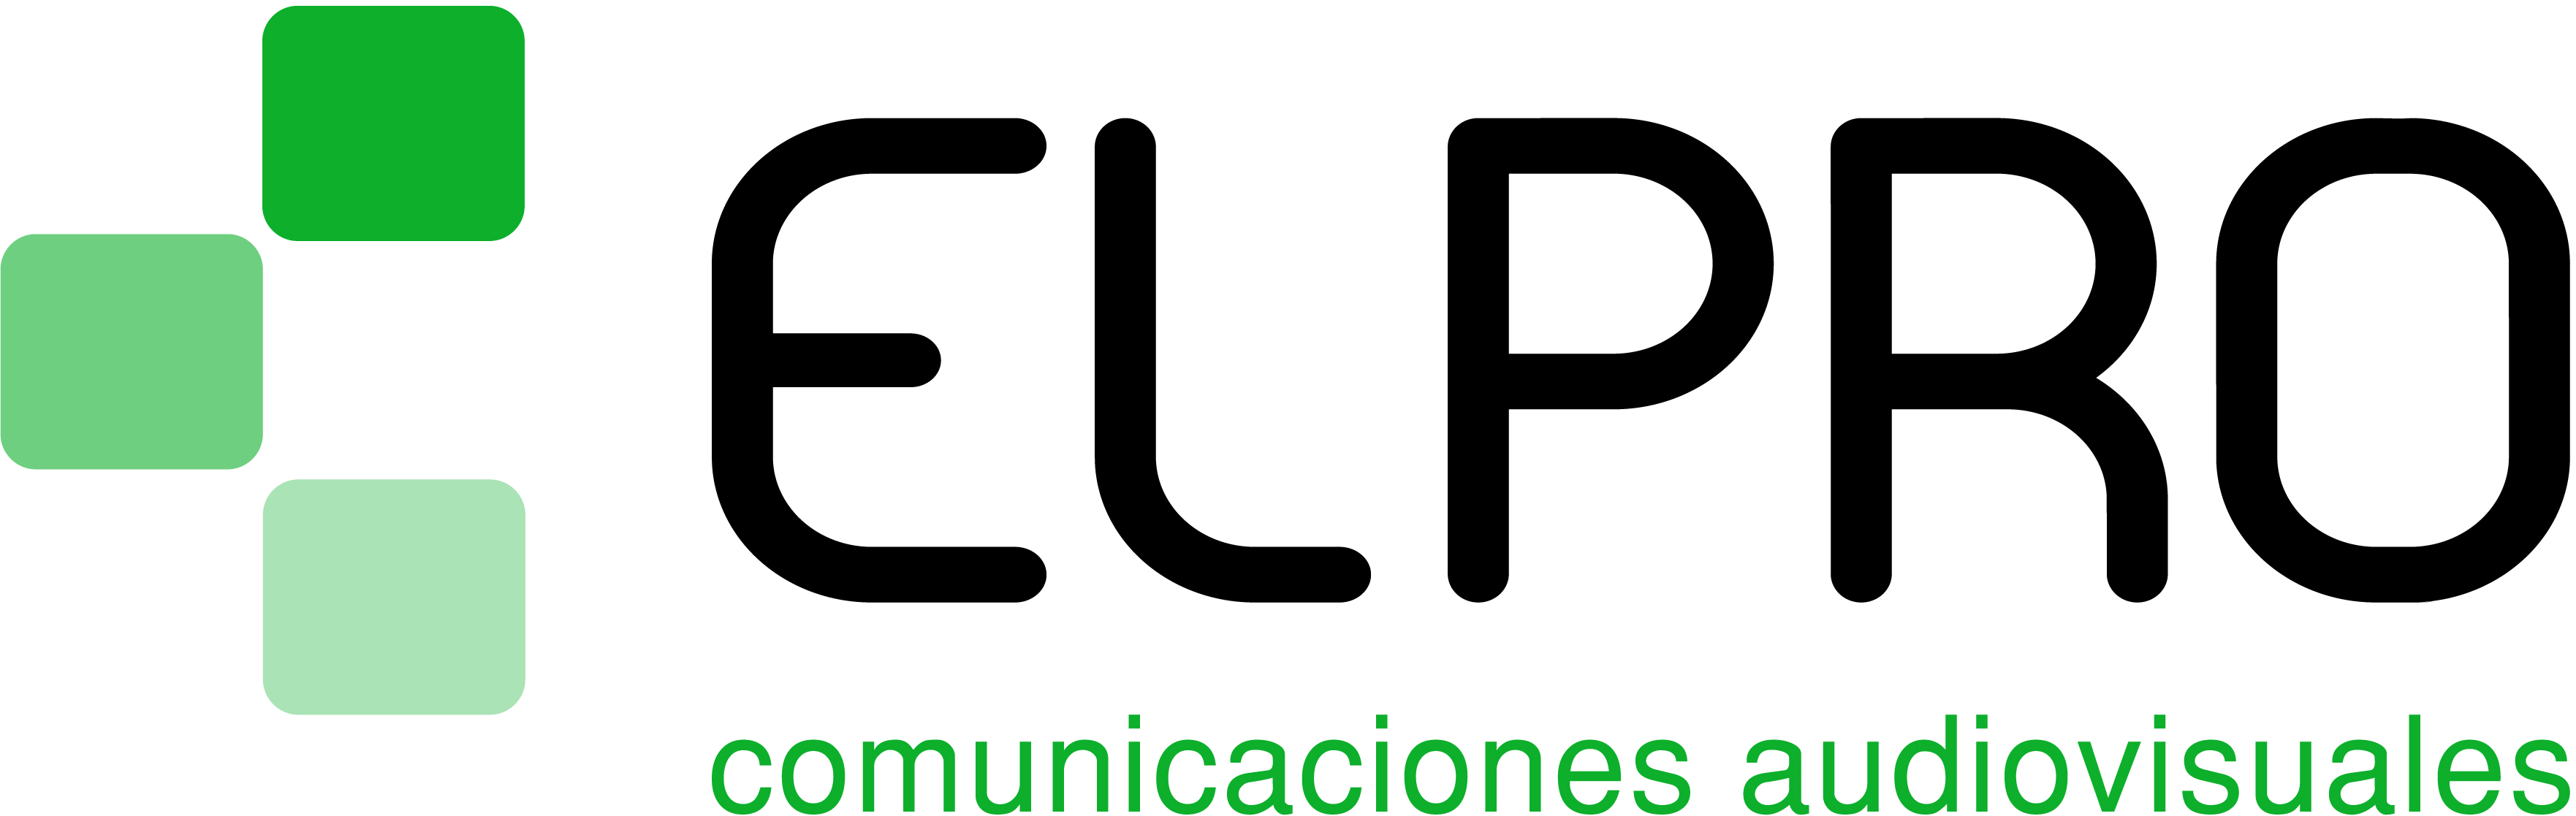 Elpro Comunicaciones Audiovisuales